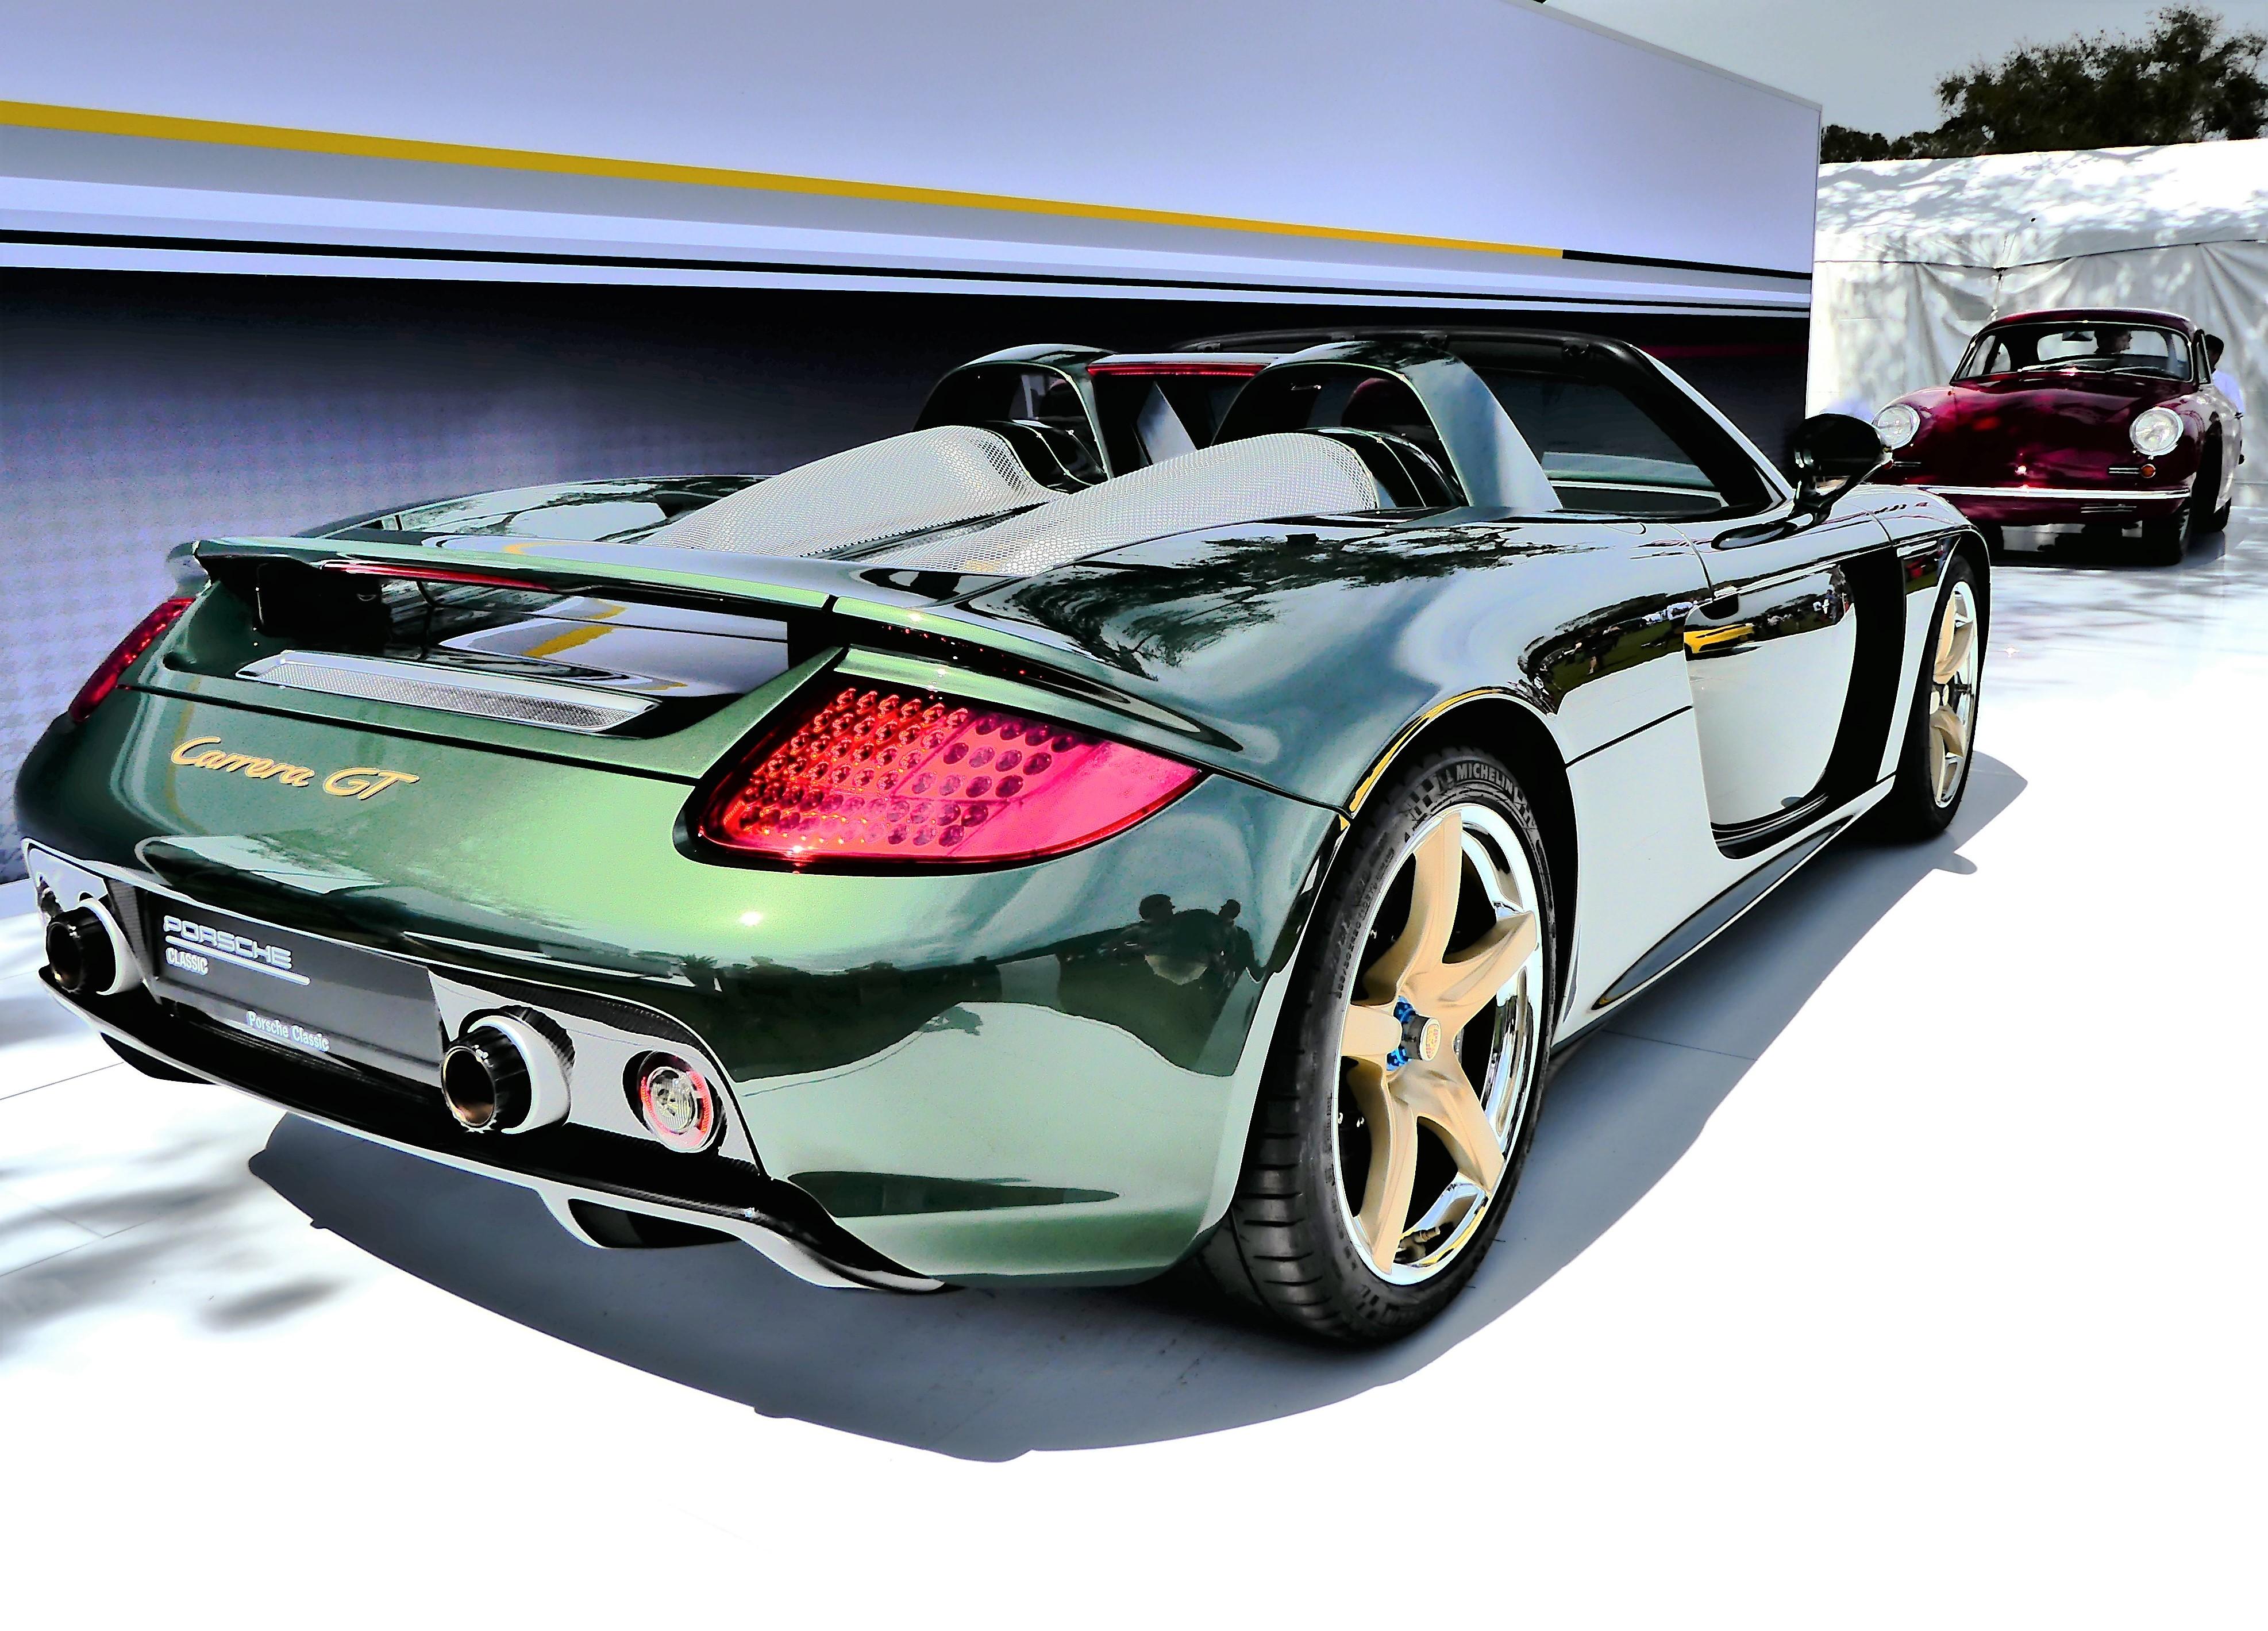 Carrera GT model